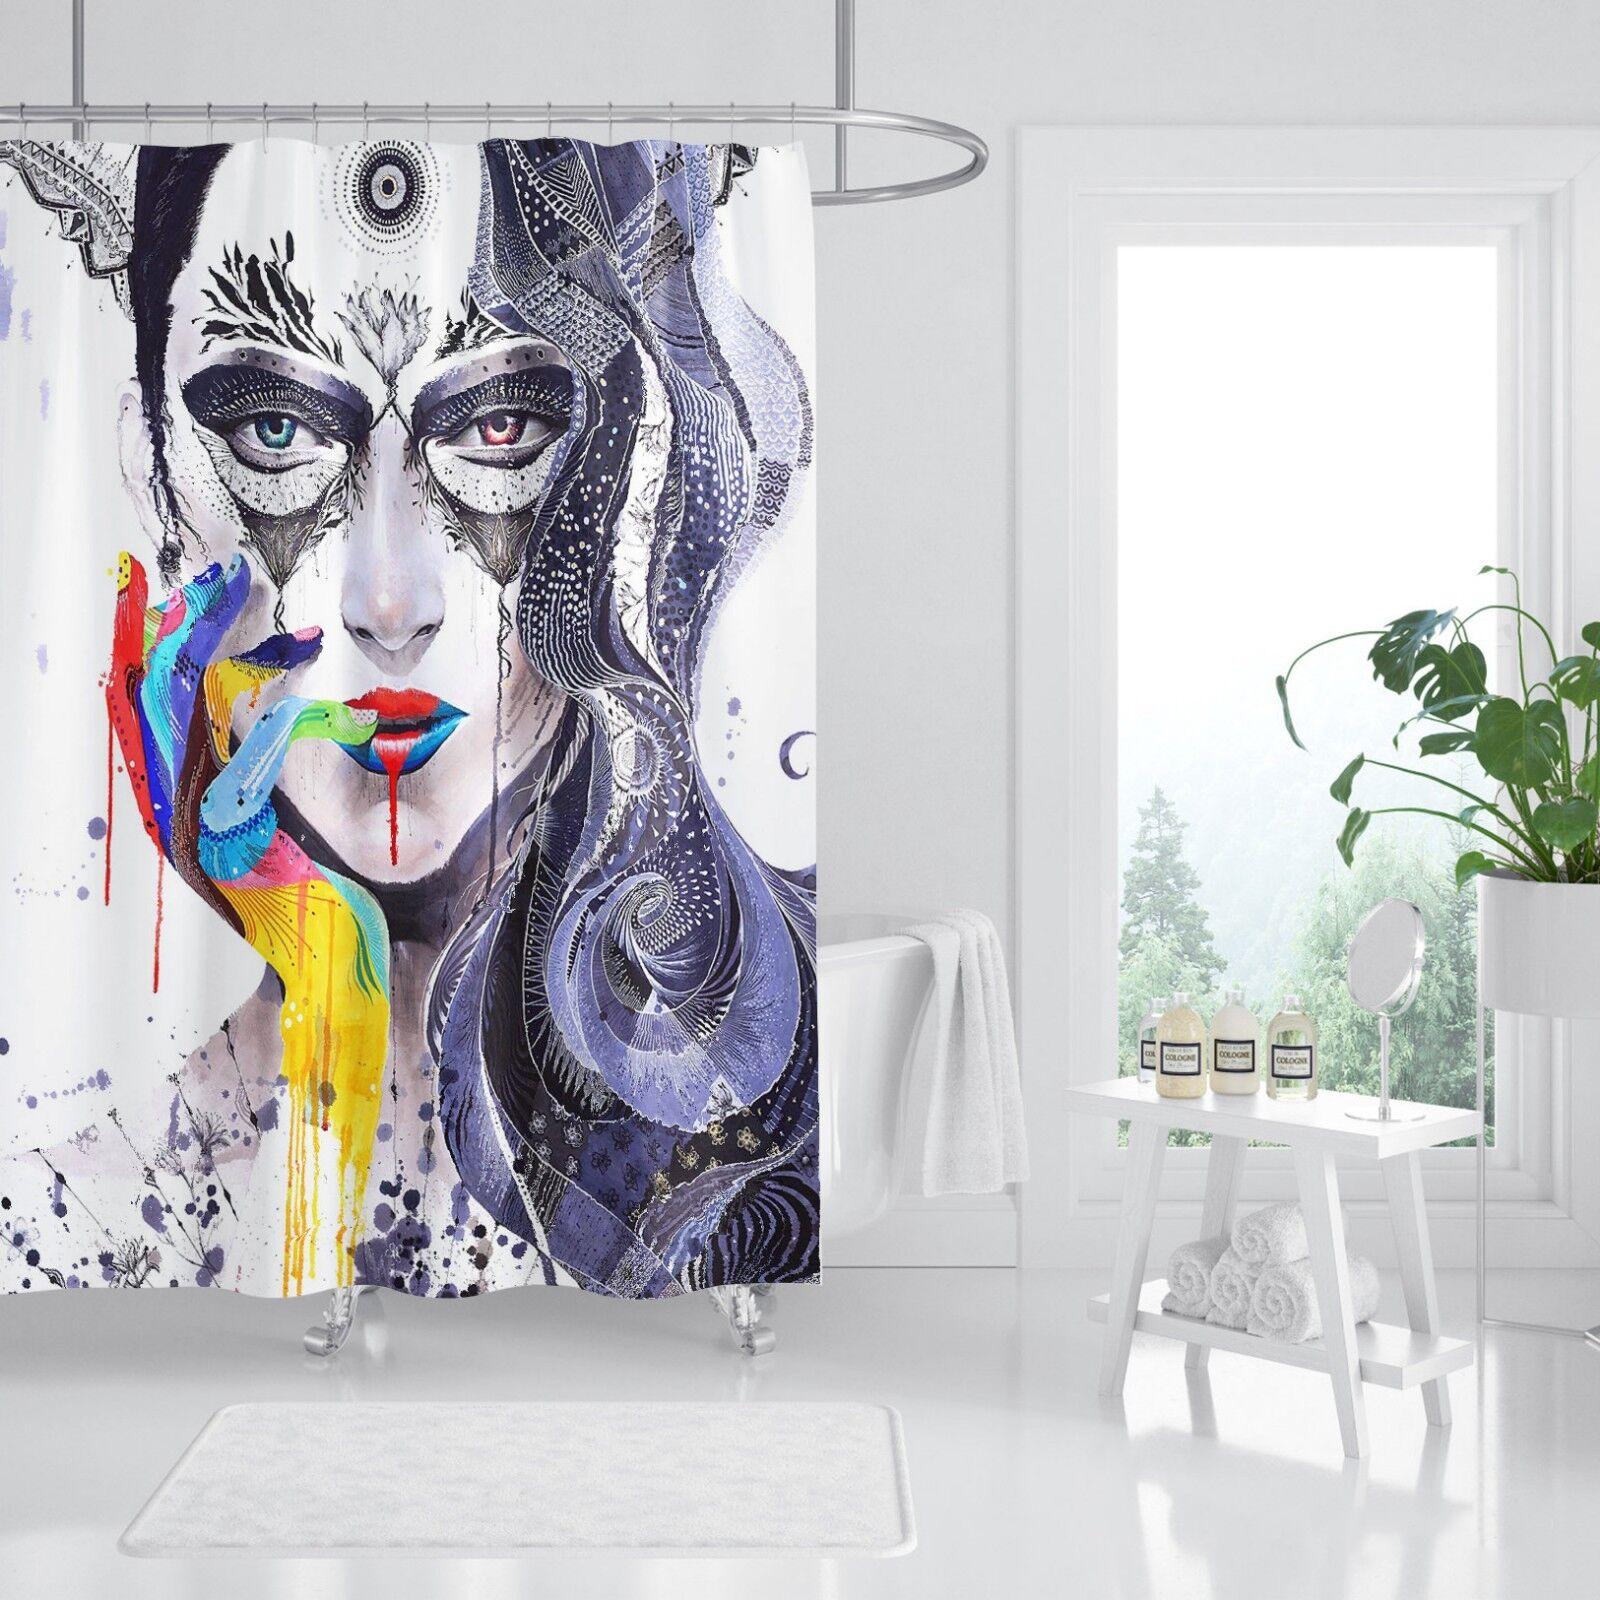 3D Girl Graffiti 78 Shower Curtain Wearproof Wearproof Wearproof Fiber Bathroom Home Windows Toilet 0ad355